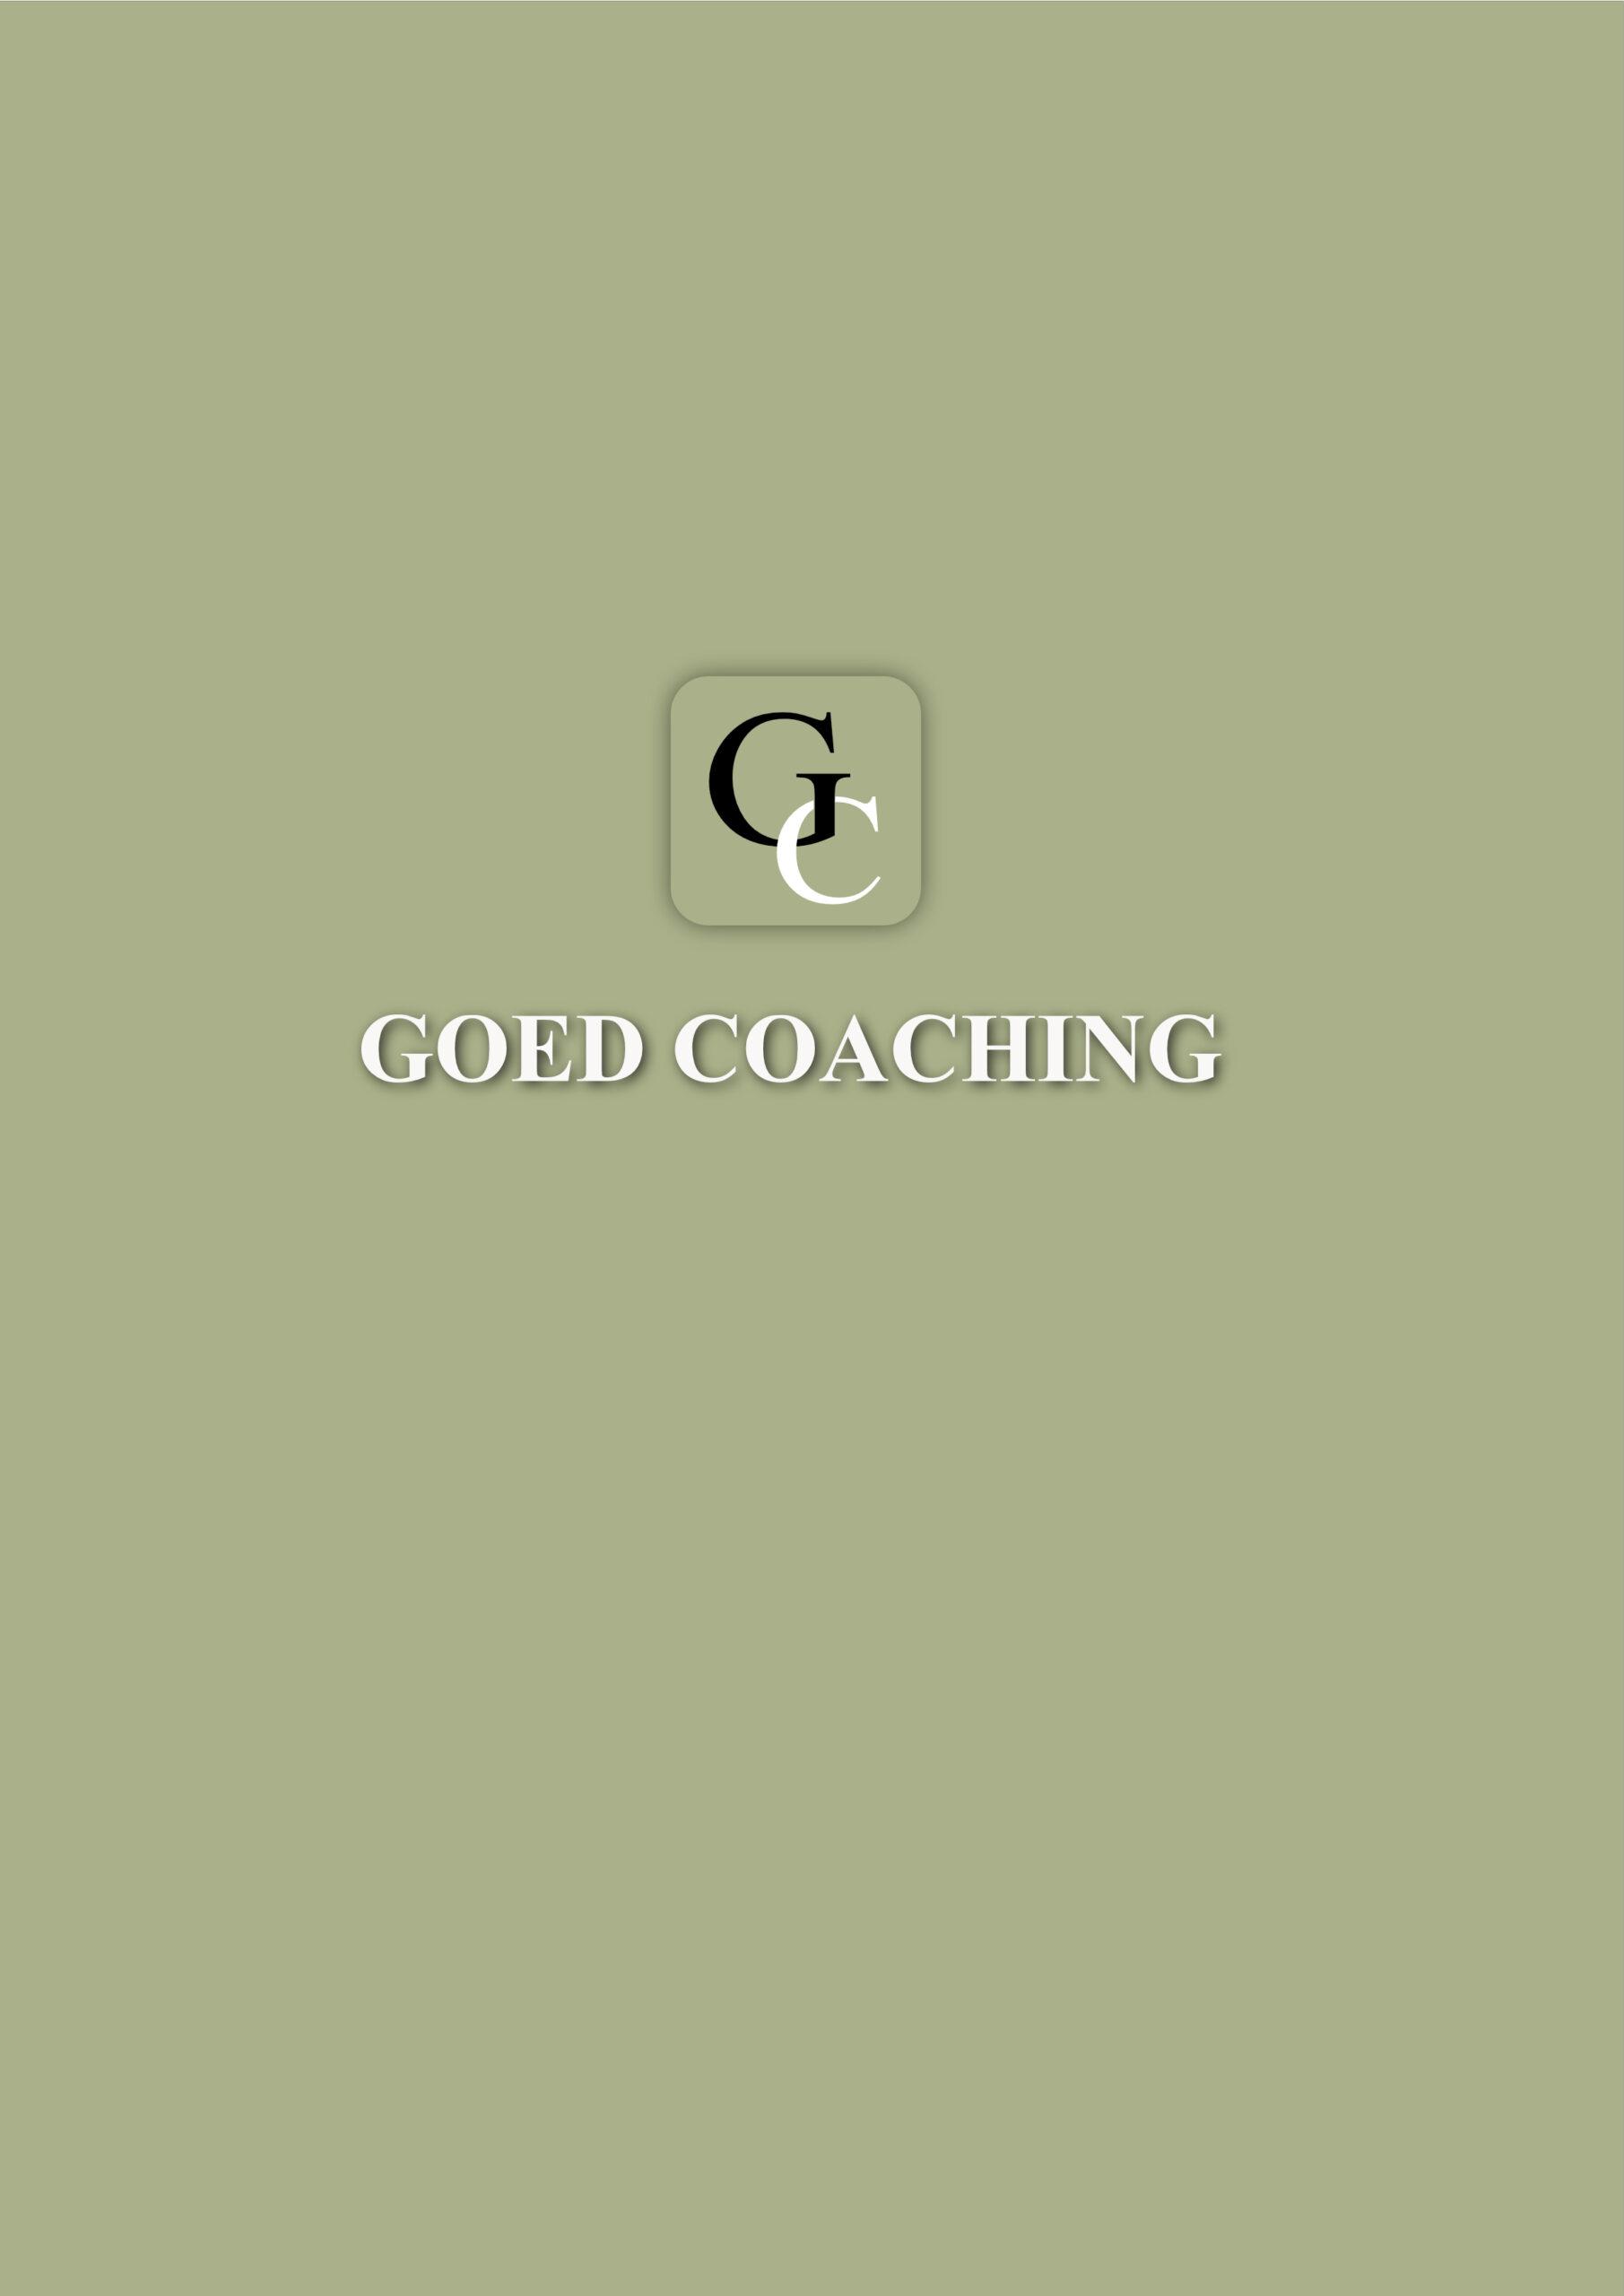 website goed coaching van Tim Goedvolk